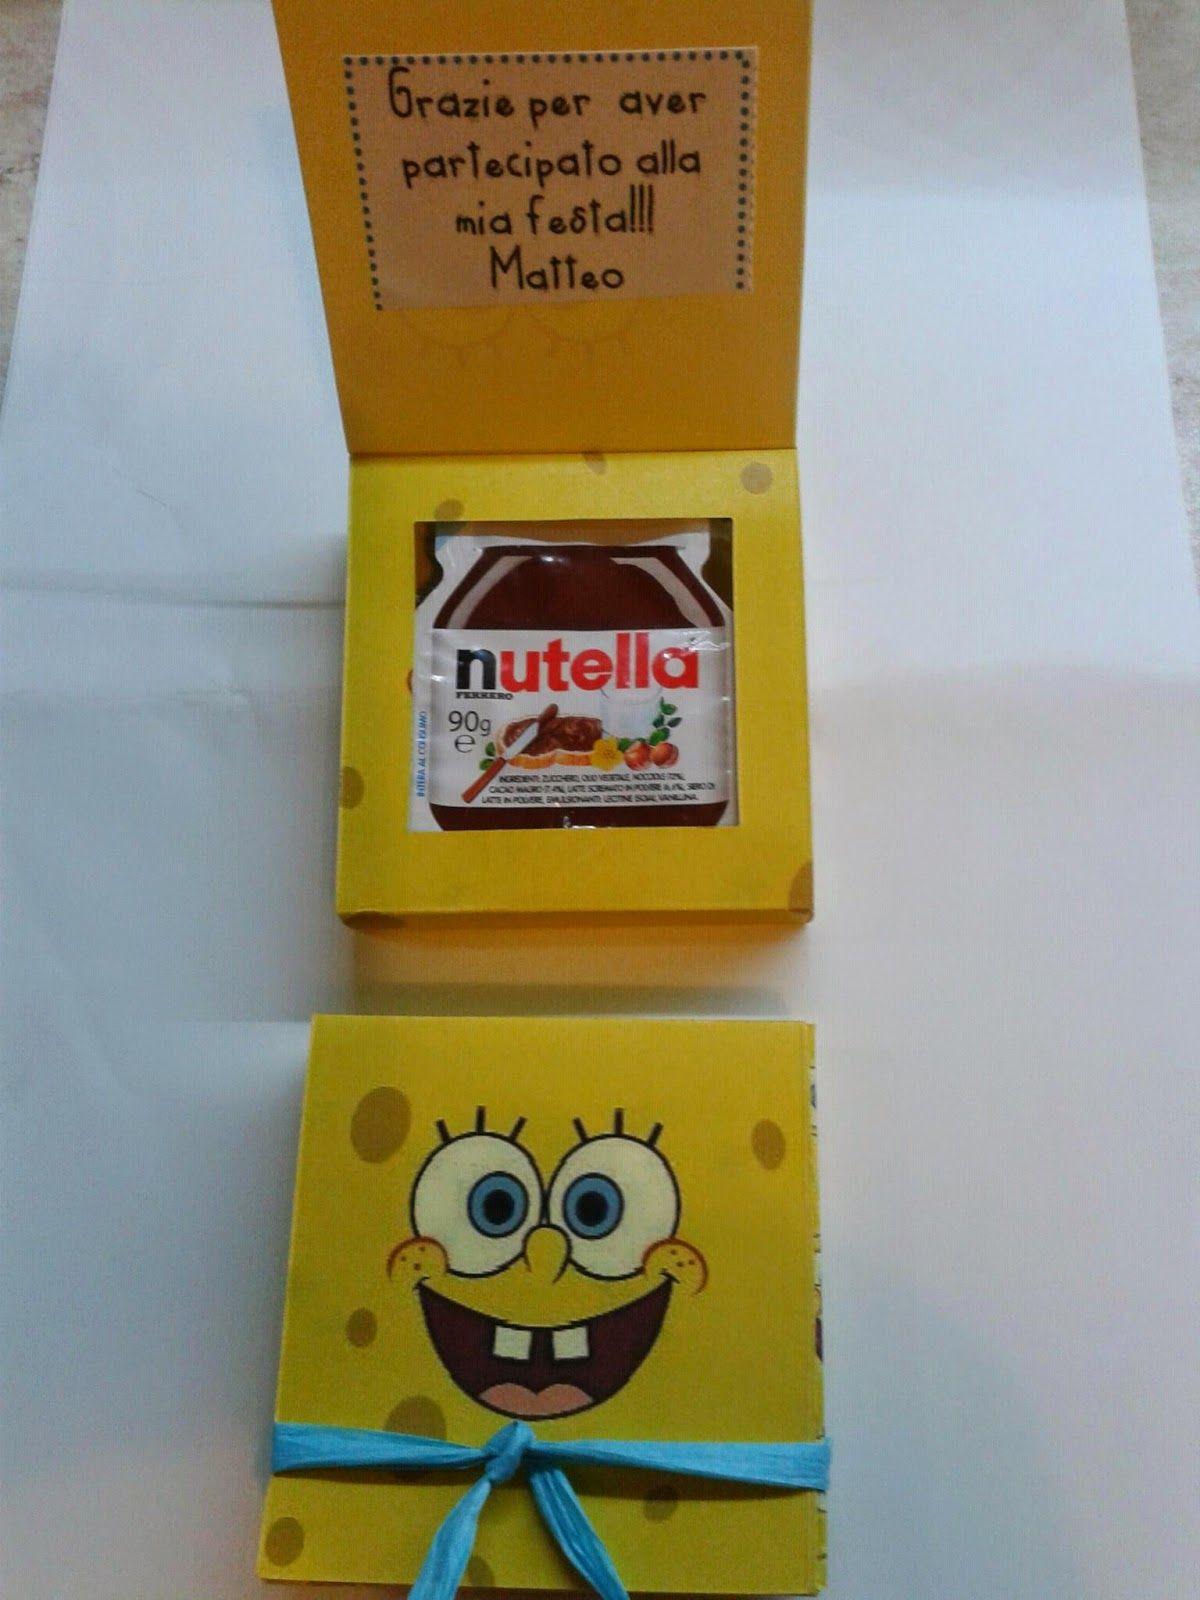 386ab0042c Scatoline di Spongebob fatte a mano con la nutella all'interno come  regalino di ringraziamento